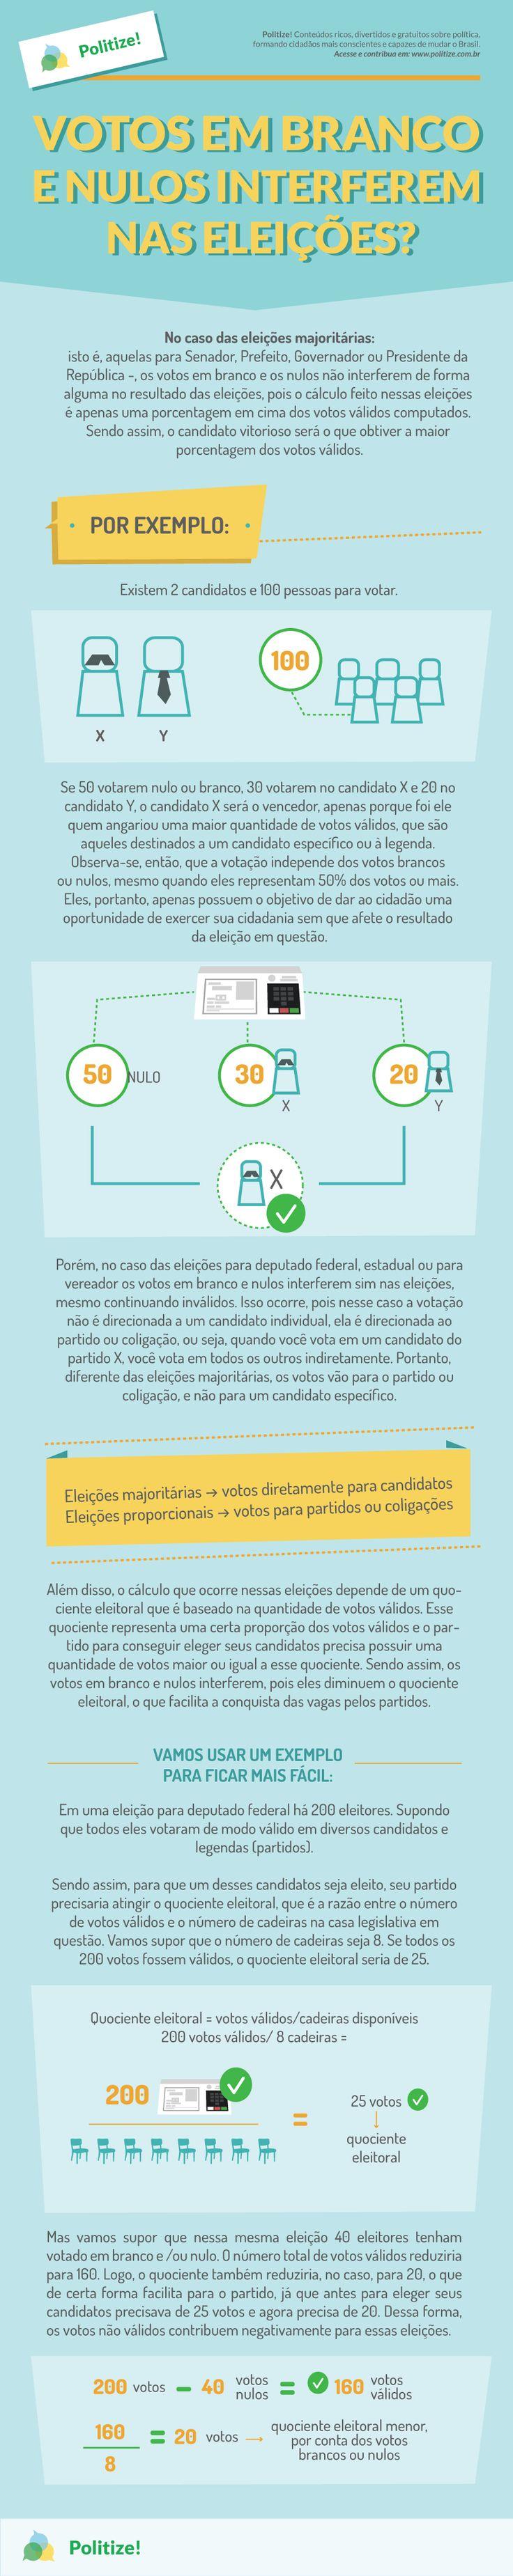 Votos em branco e votos nulos são um dos pontos mais cercados de mitos no sistema eleitoral brasileiro. Muito eleitores acreditam que essas opções têm algum peso no resultado final da votação ou que ambos possuem efeitos diferentes. Pois aqui você verá que não, votos brancos e nulos não possuem diferença de efeito entre si e têm efeito praticamente zero na definição dos vencedores. Vamos lá?